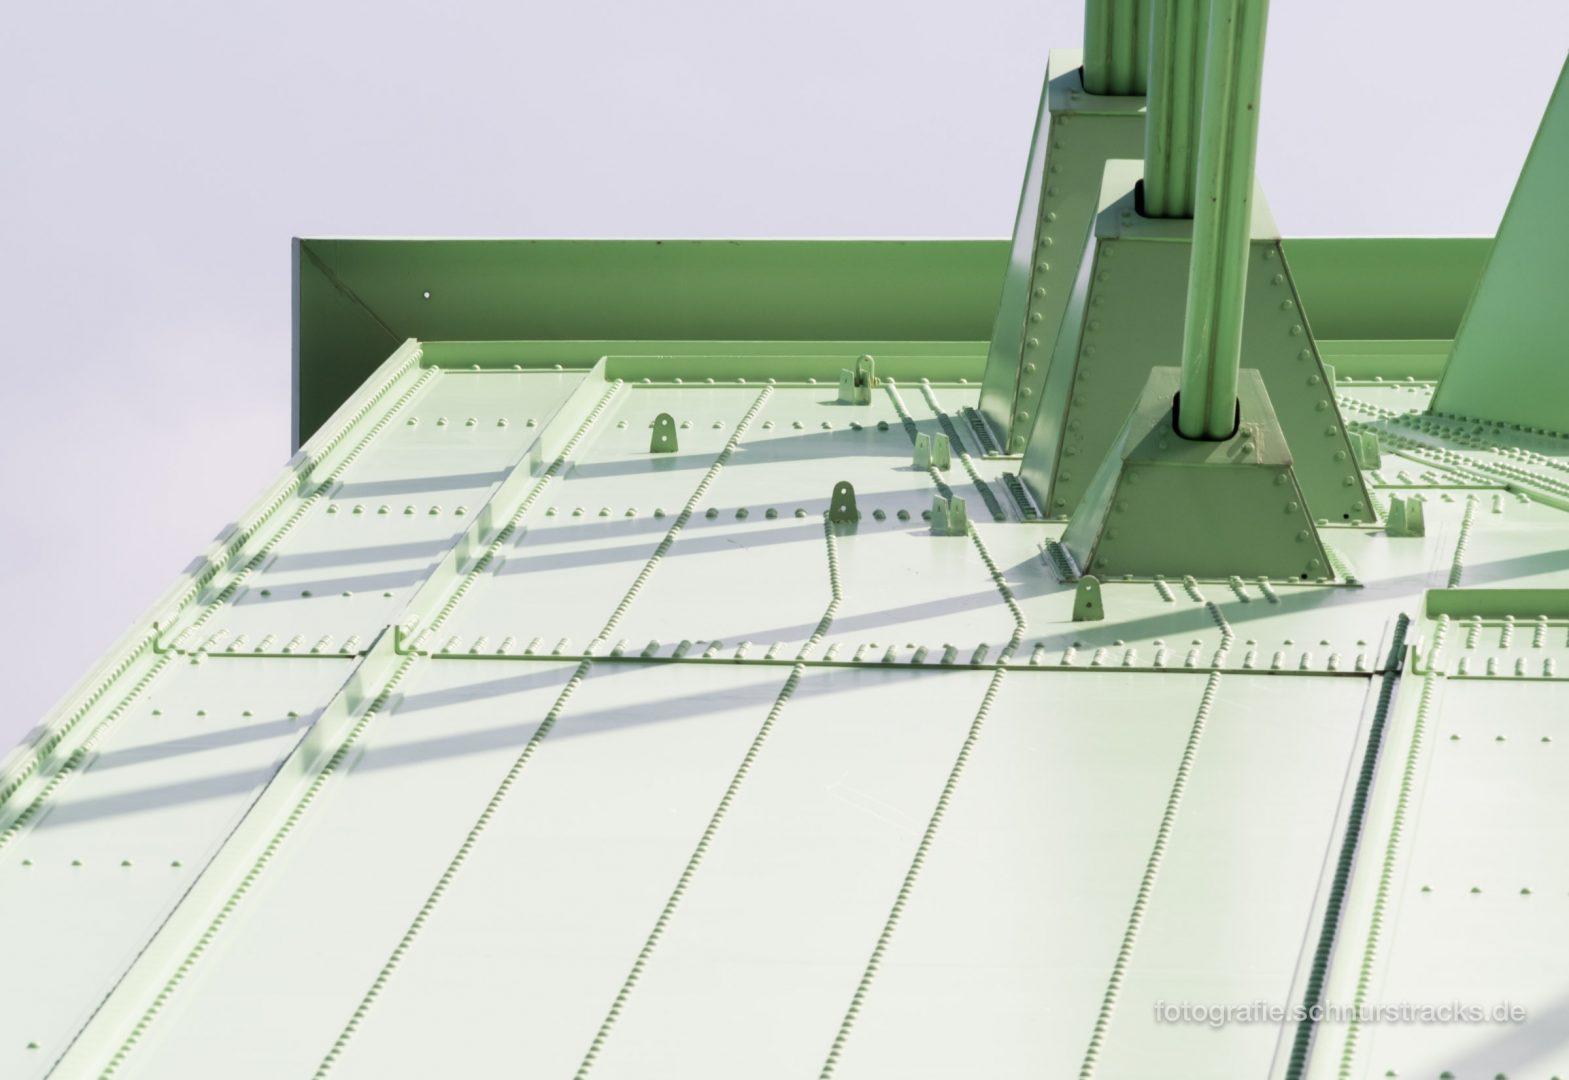 Pylonspitze der Severinsbrücke #1117